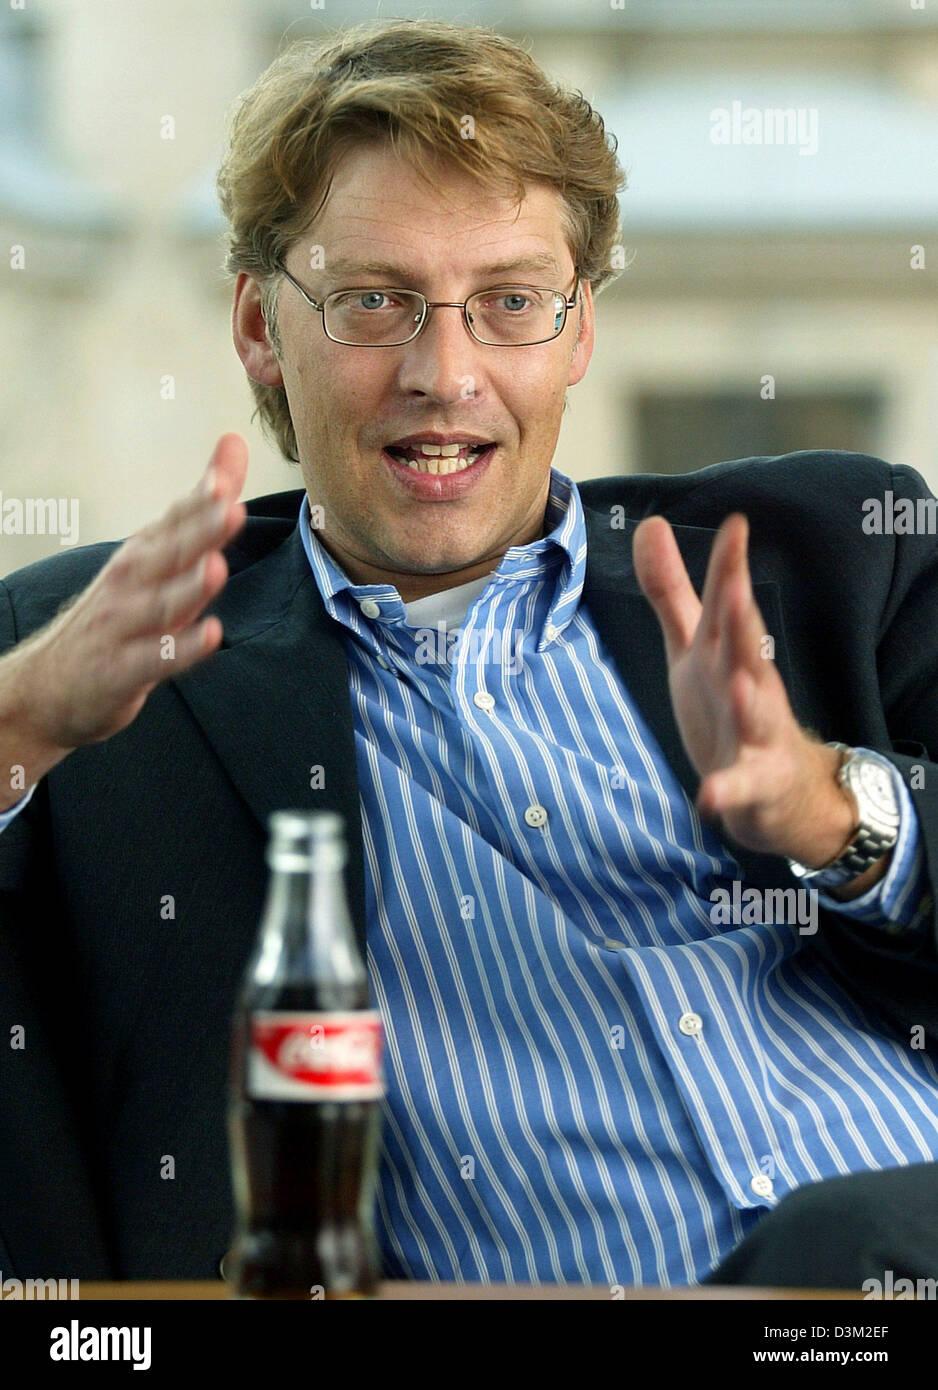 Кока кола питер купить газированную воду оптом